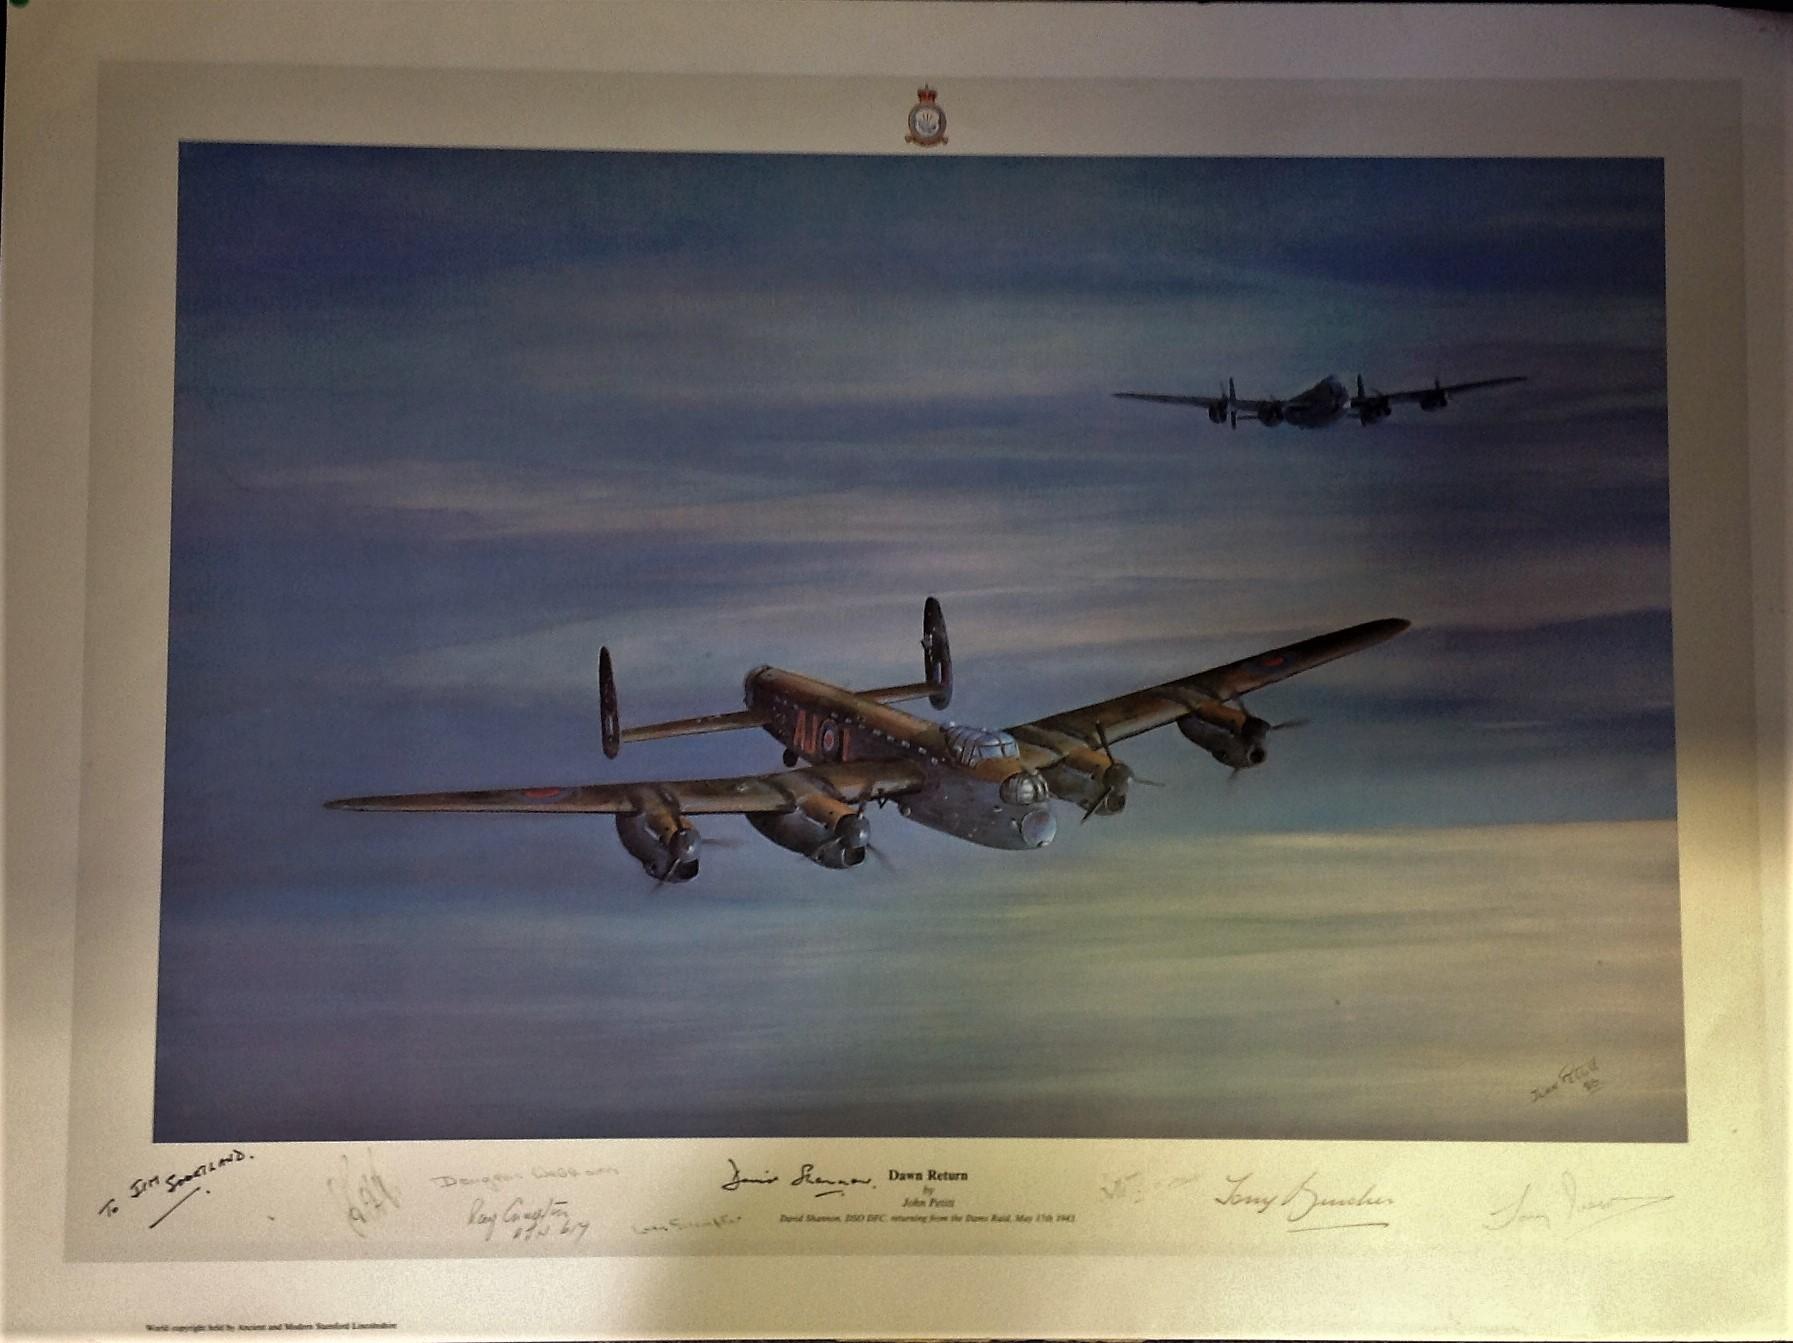 Lot 57 - Dambuster World War Two print 19x27 titled Dawn Return by the artist John Pettit pictured David